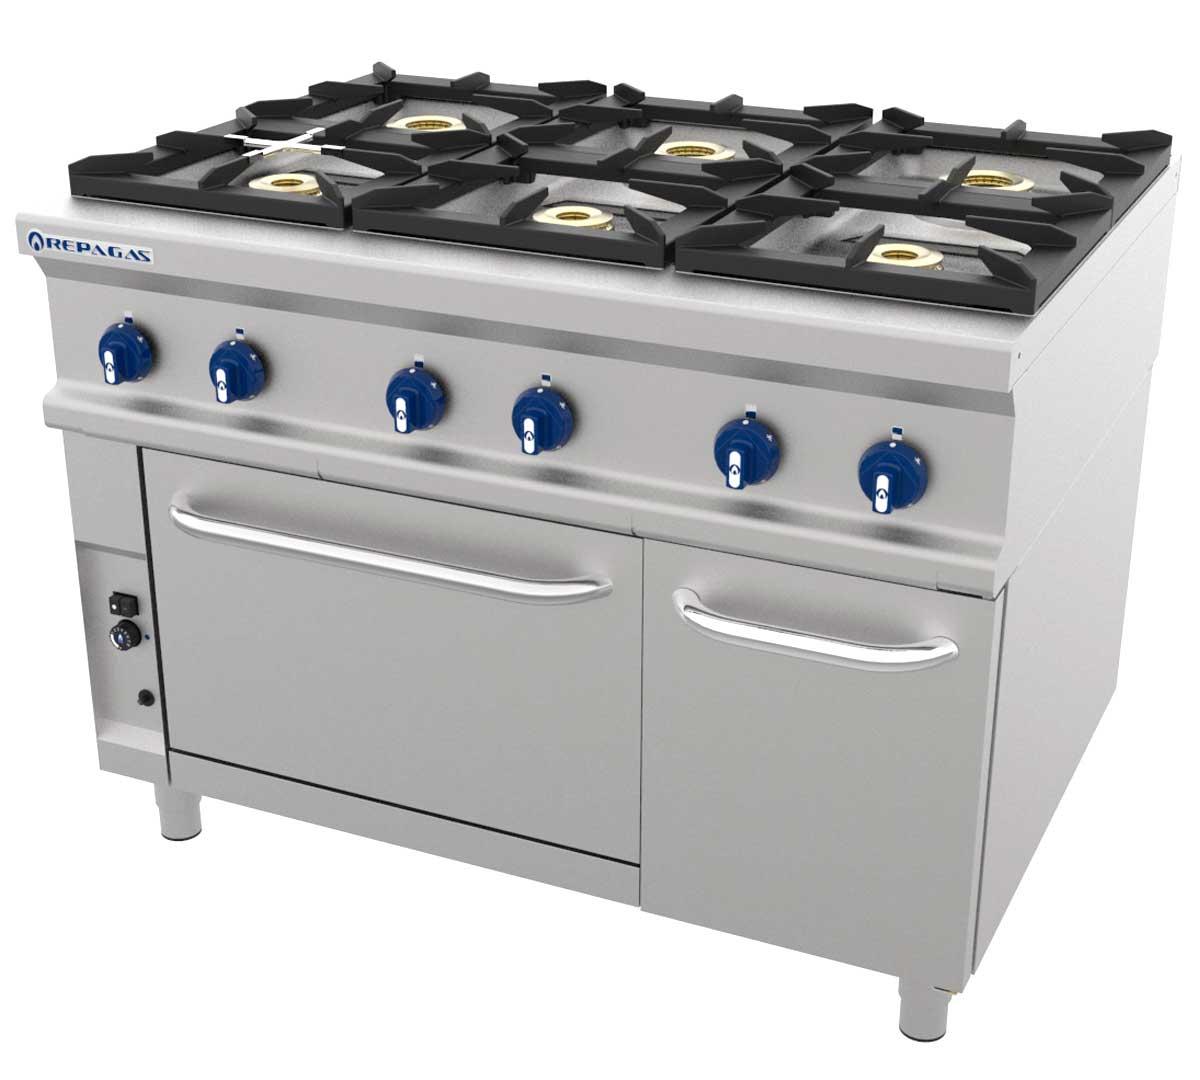 Cocina serie 900 lc horno de repagas for Horno con fogones